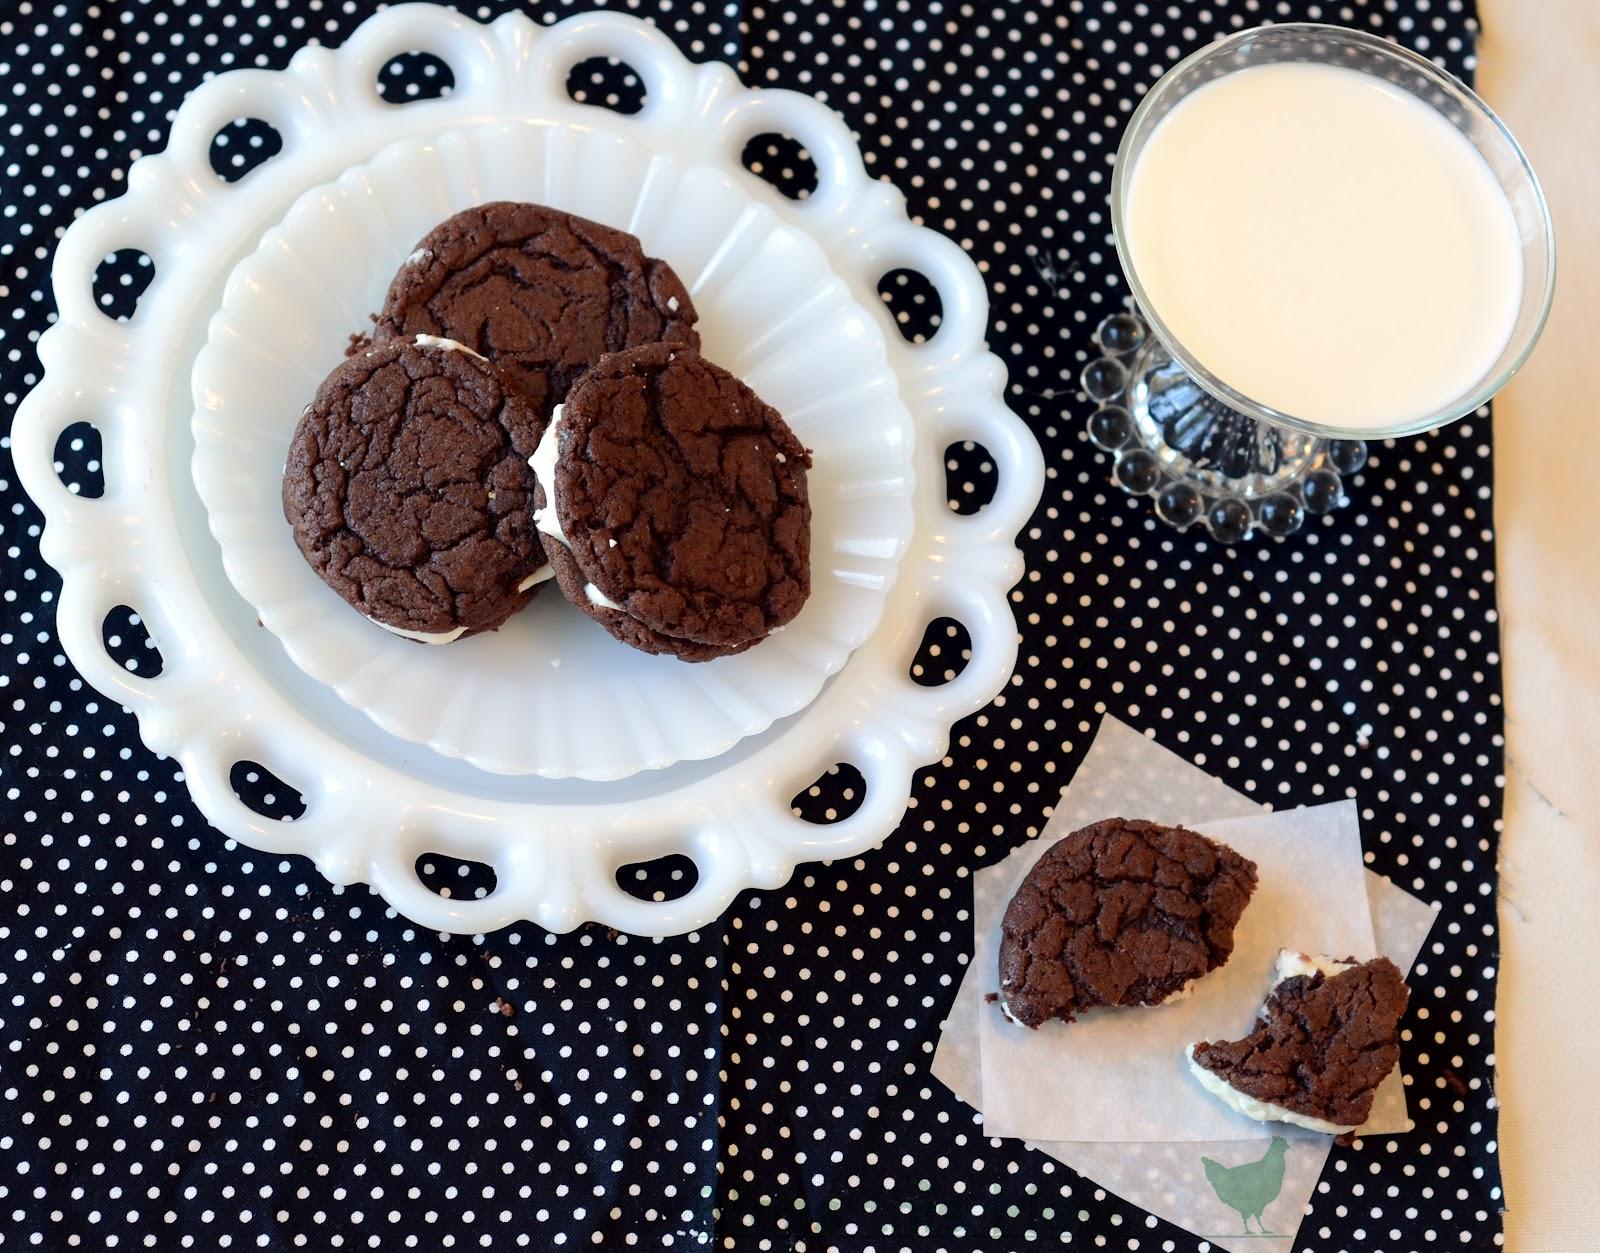 Chocolate cake mix oreo cookies recipe